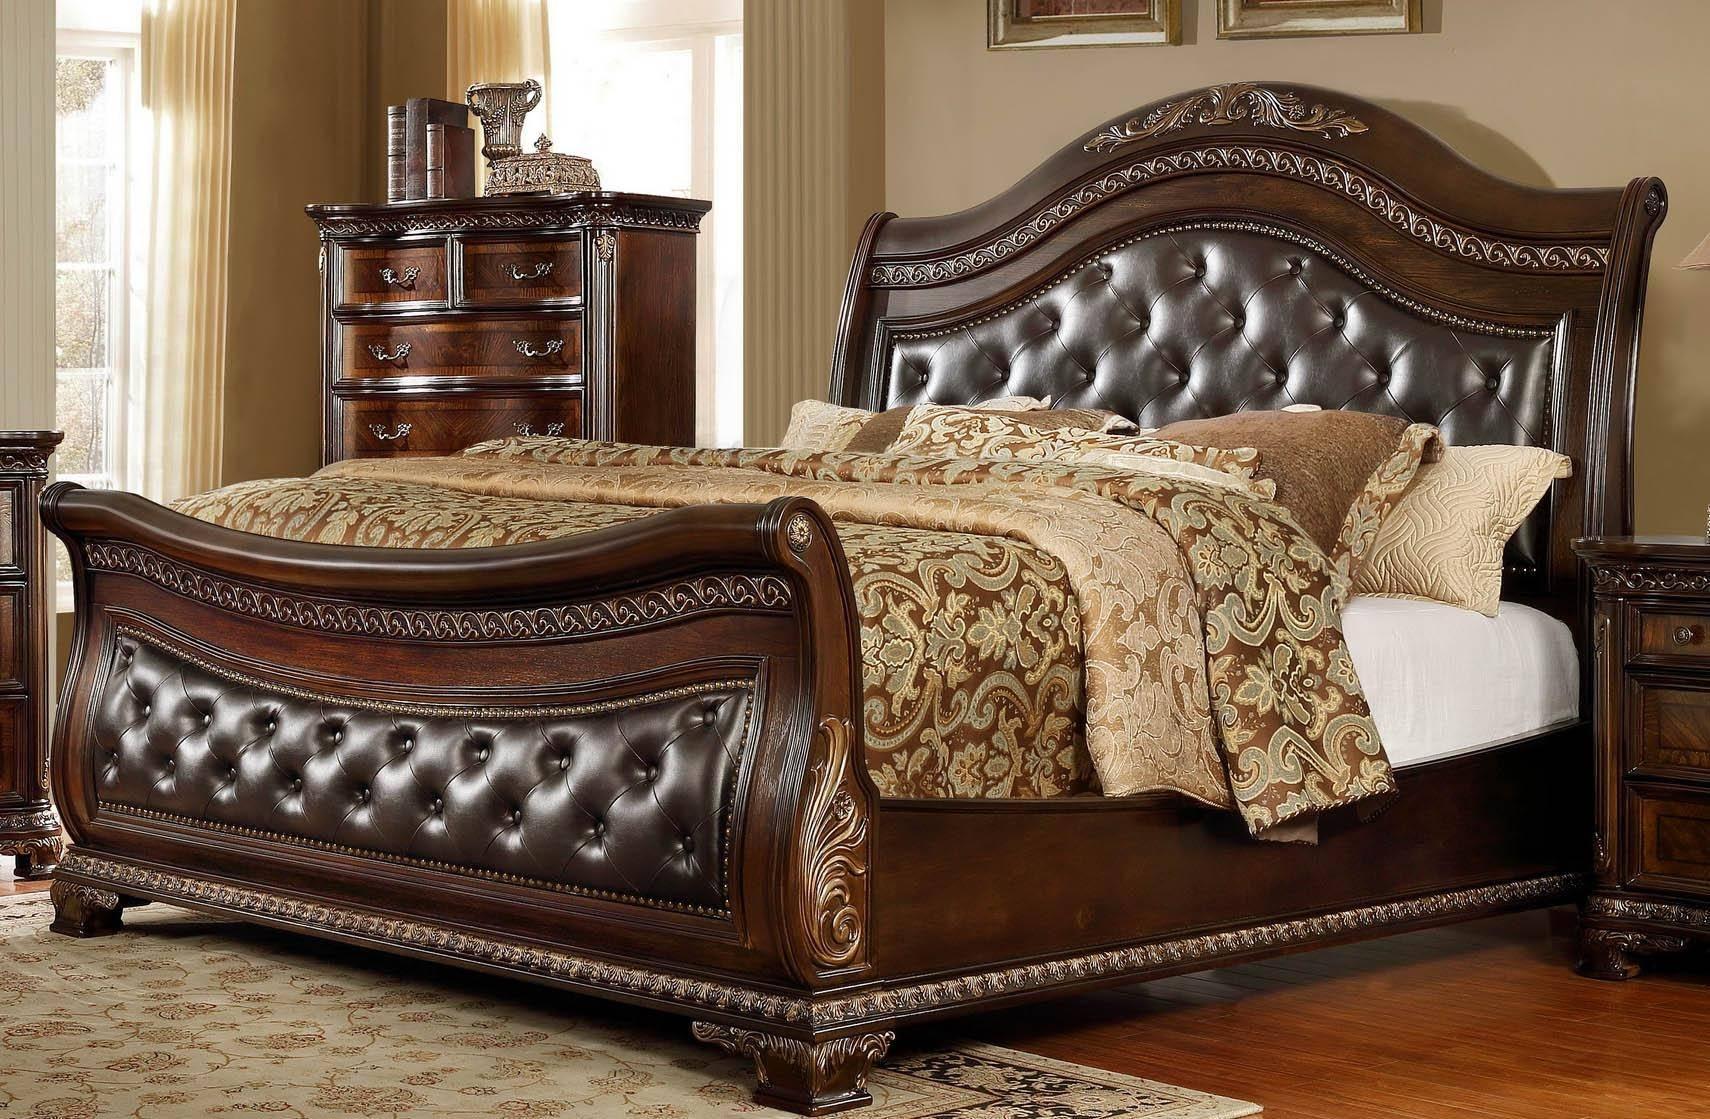 McFerran B9588 Queen Sleigh Bedroom Set in Oak Veneers,Dark Cherry Finish,  Dark Cherry Finish, Leather